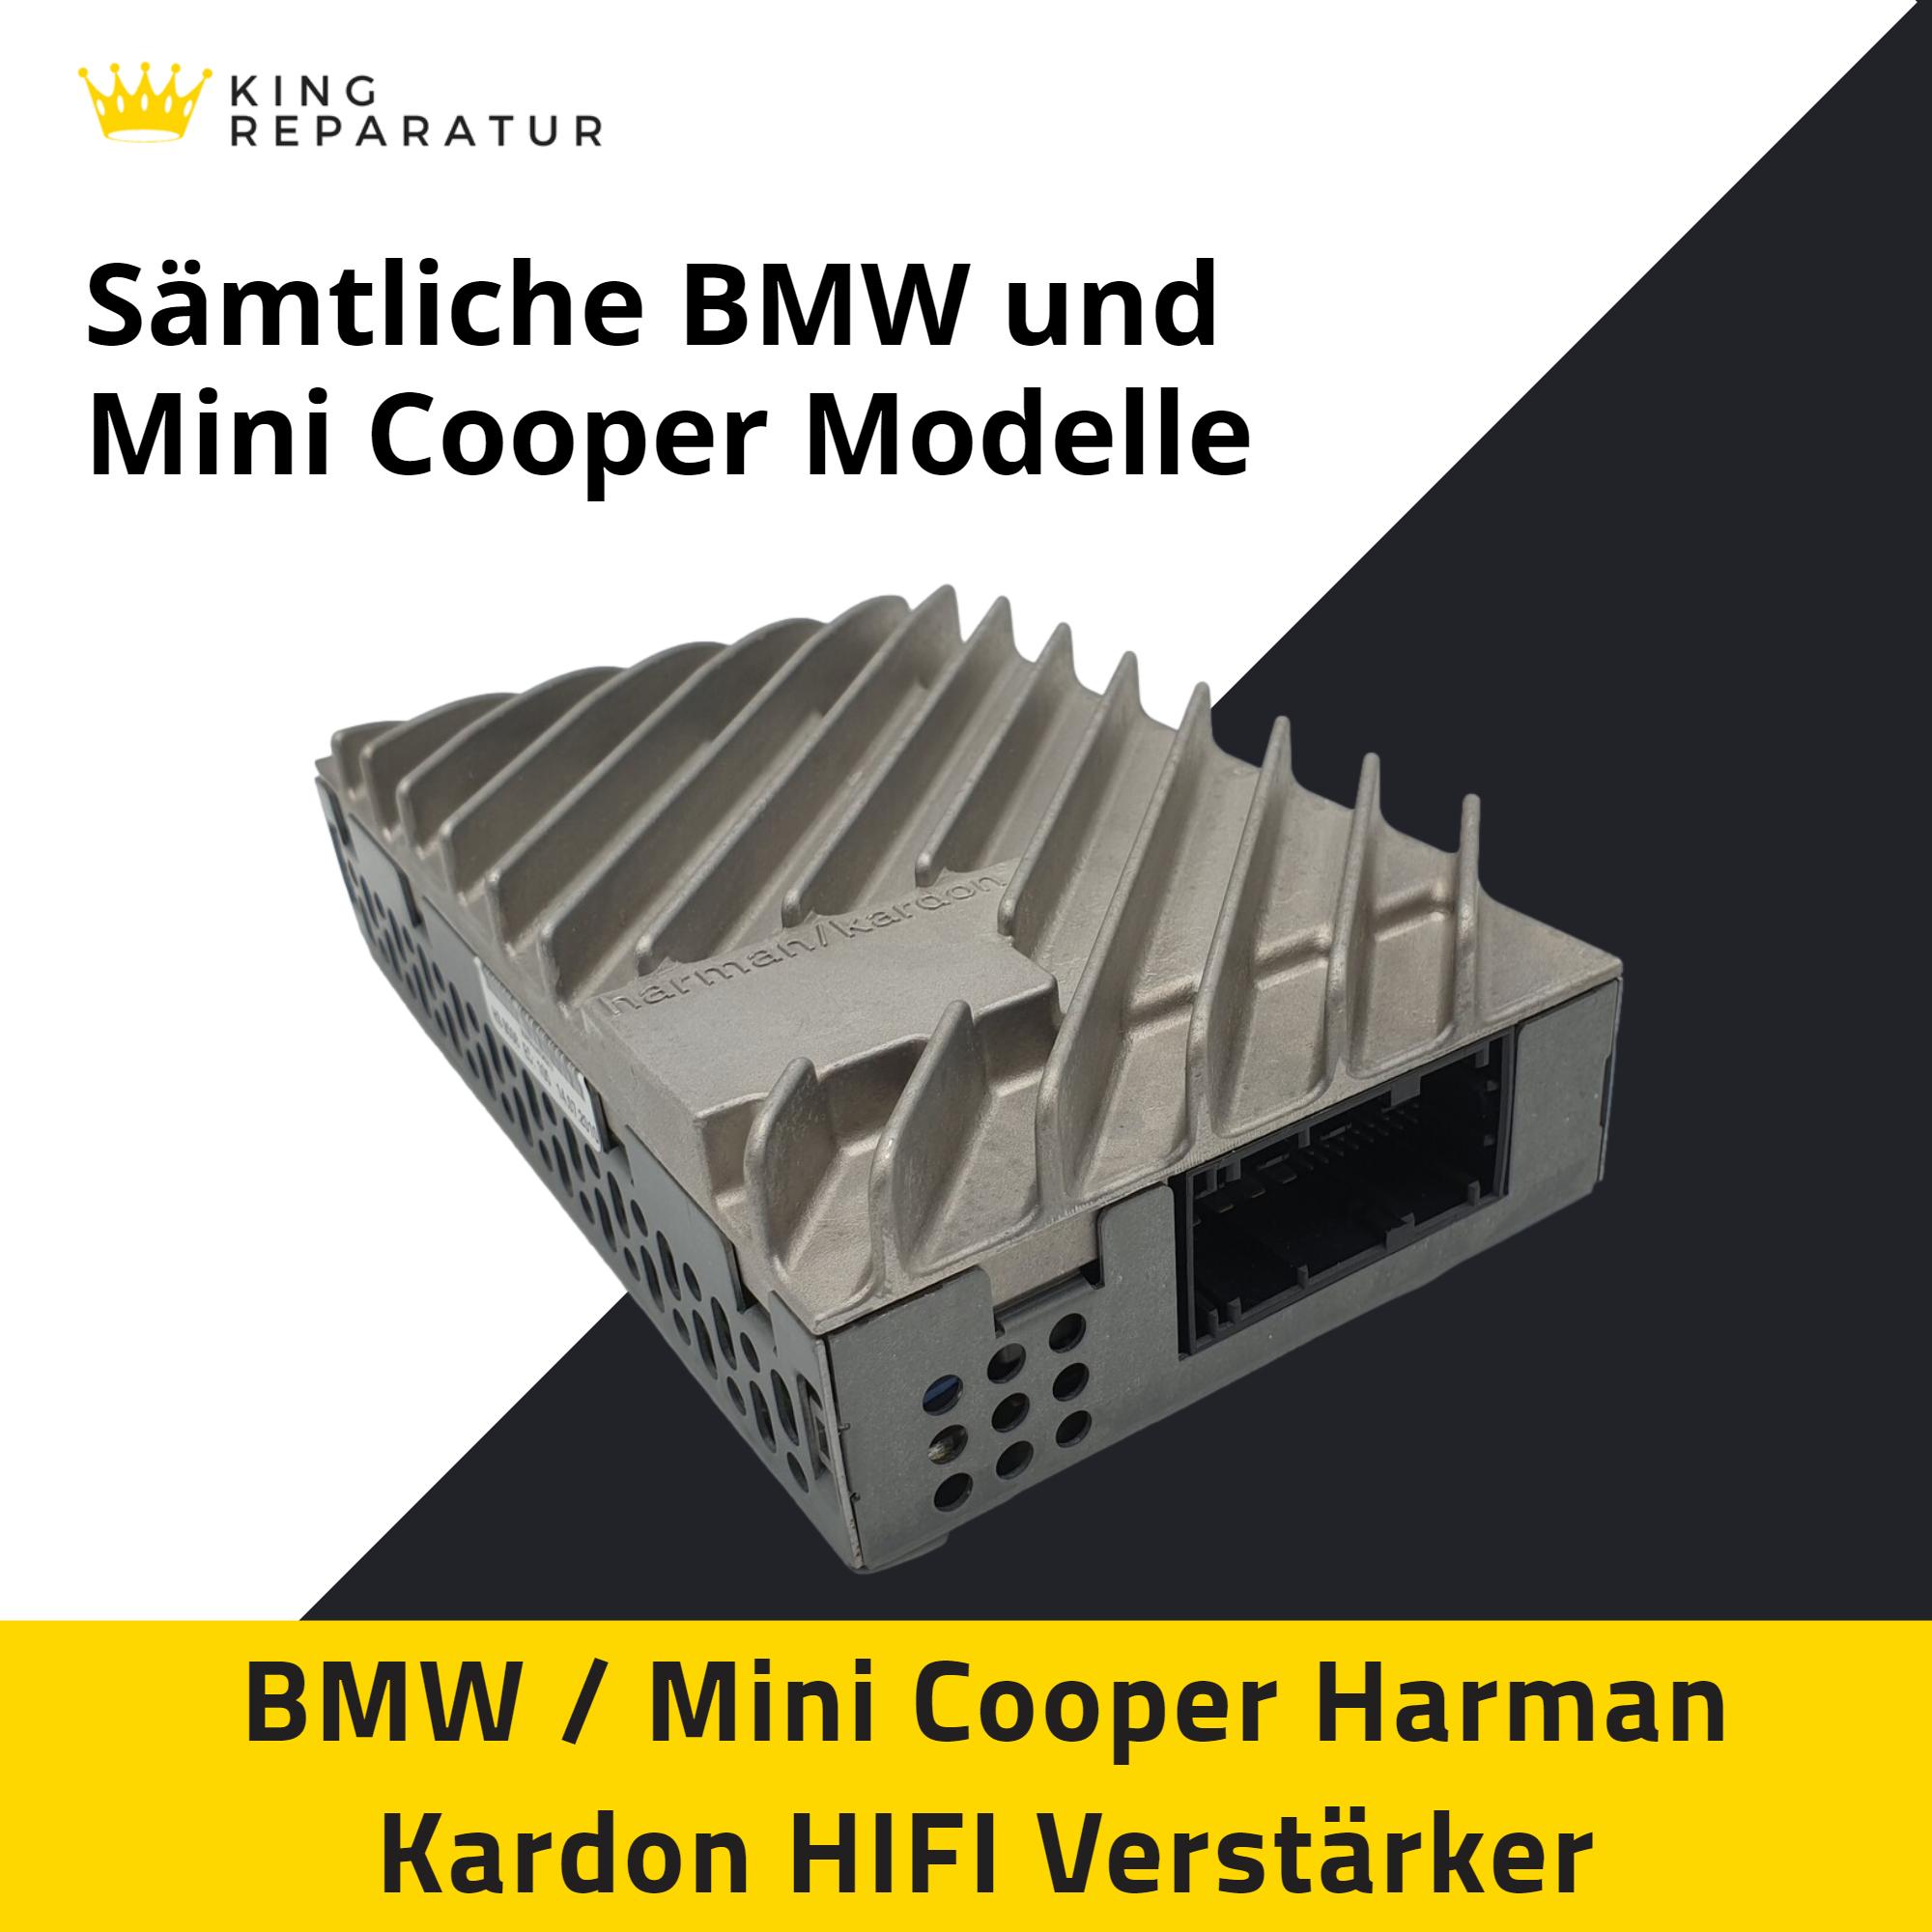 Mini Cooper Kingreparatur